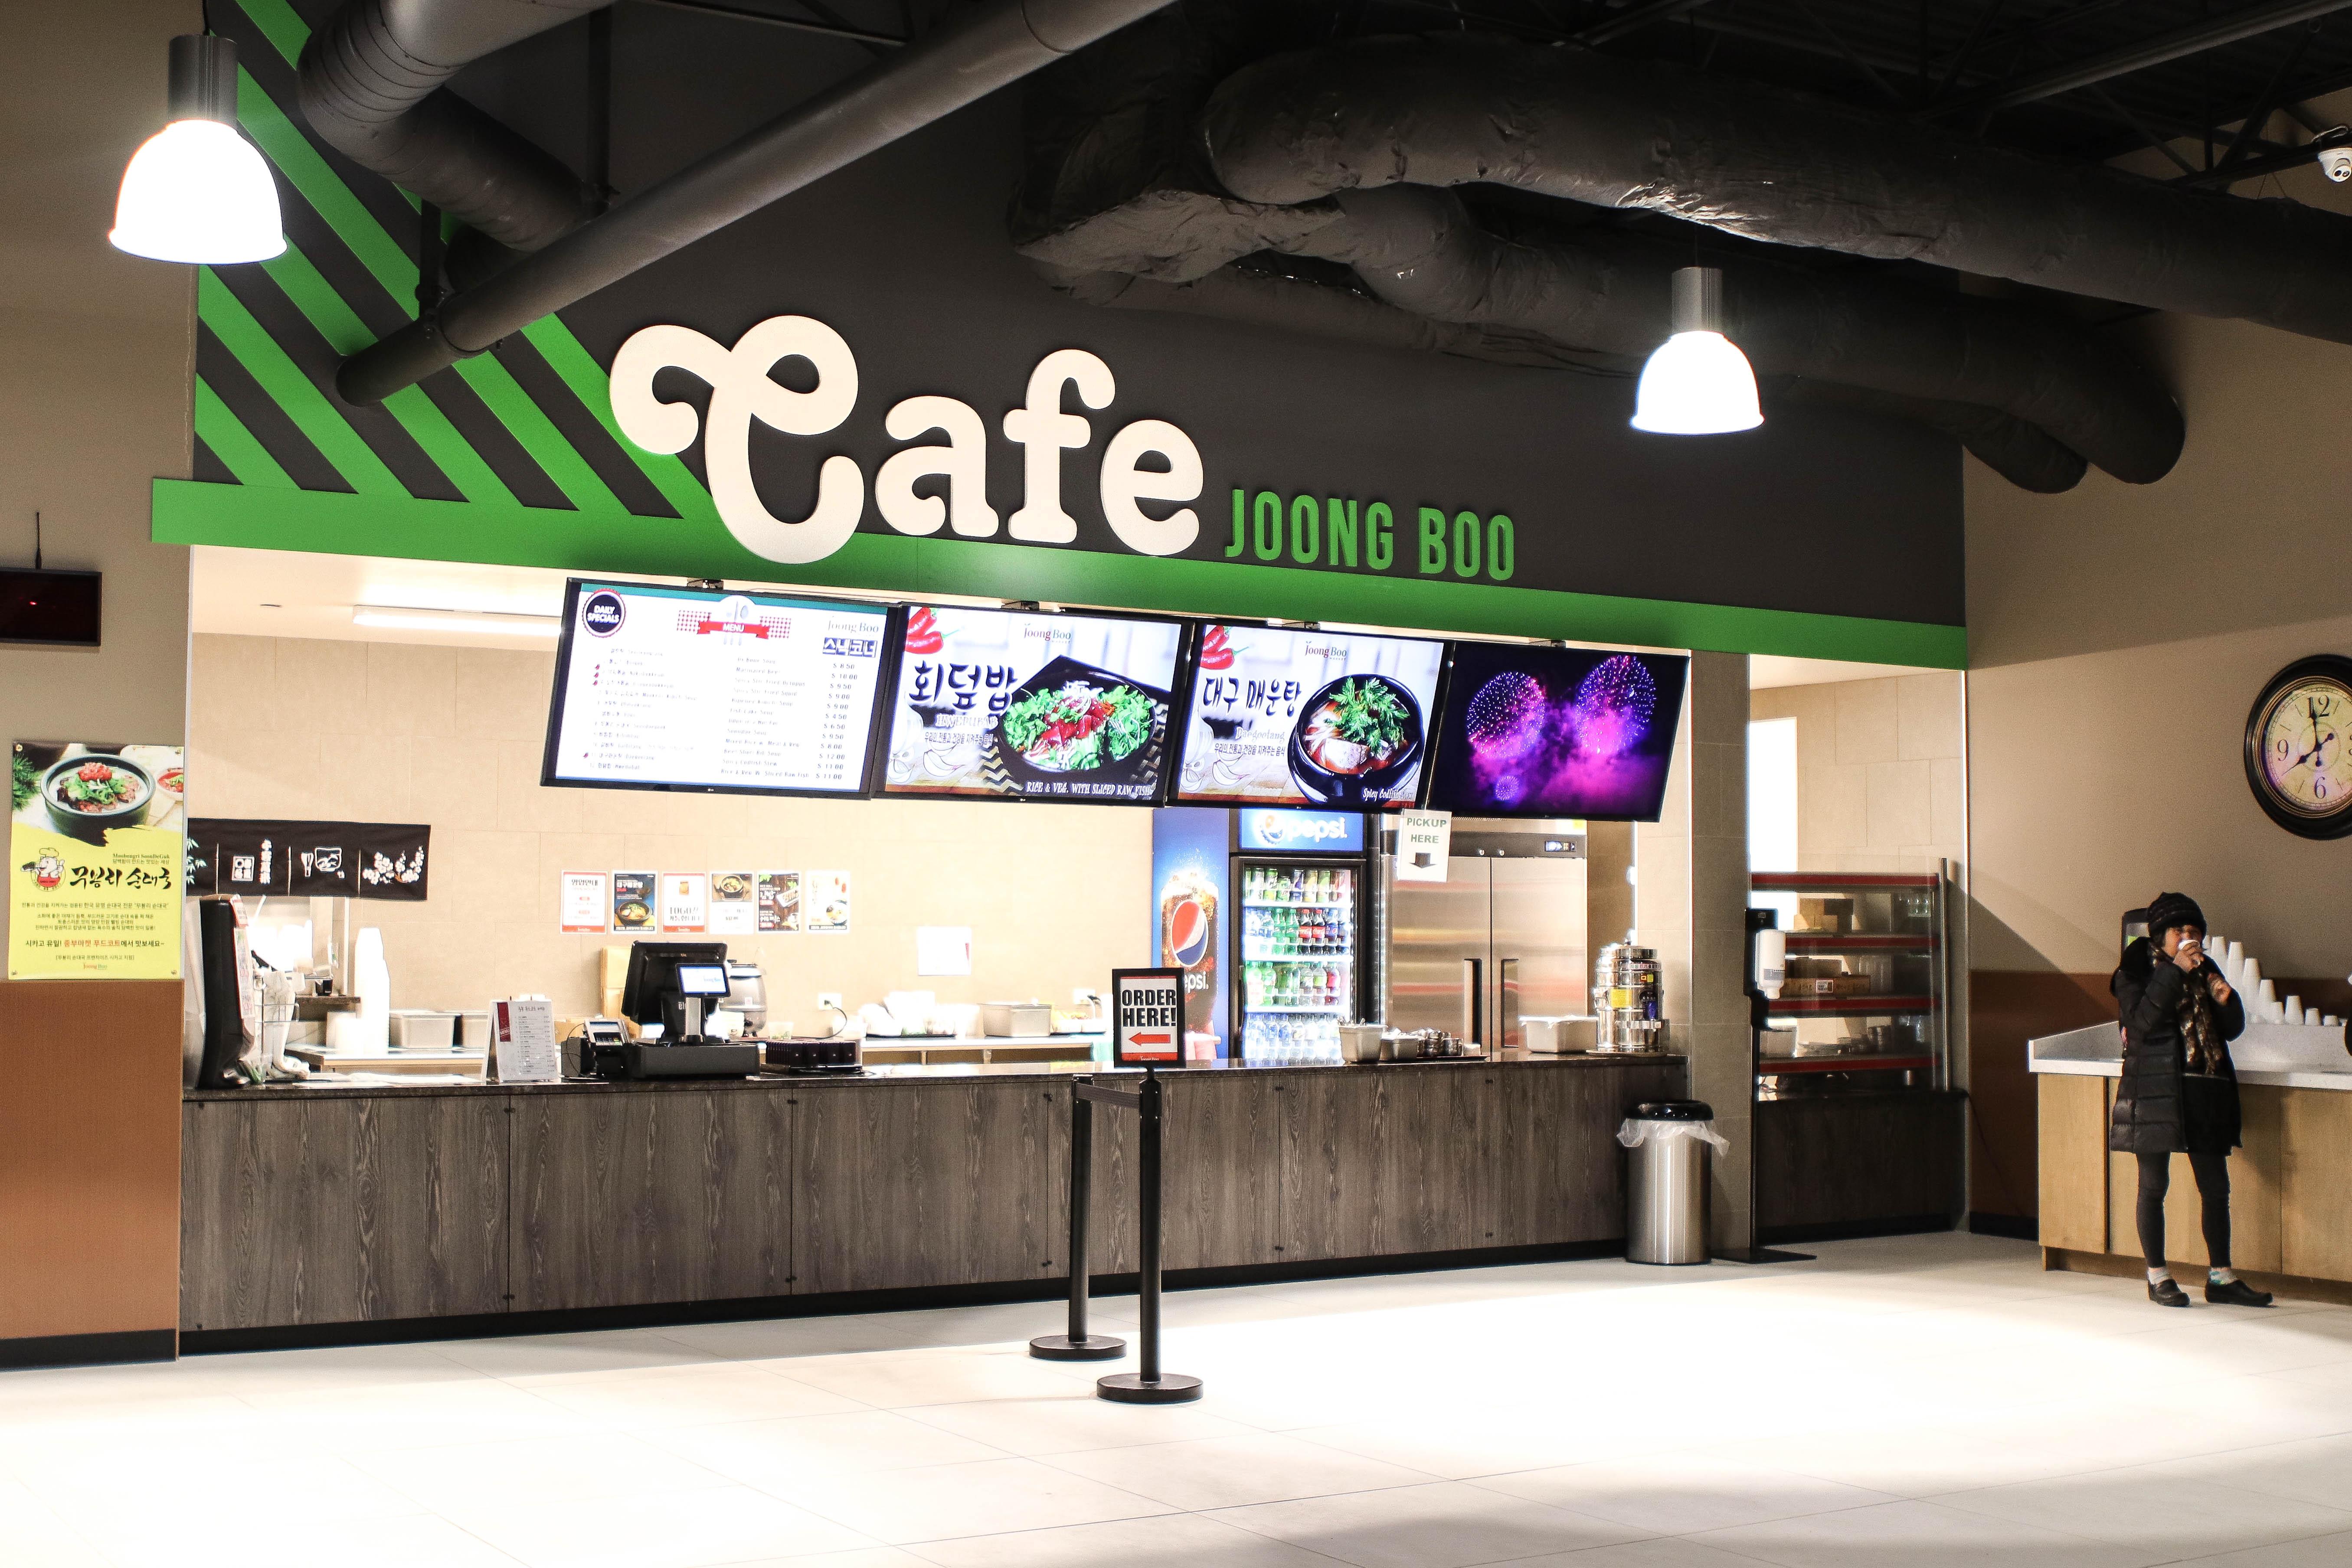 Cafe Joong Boo